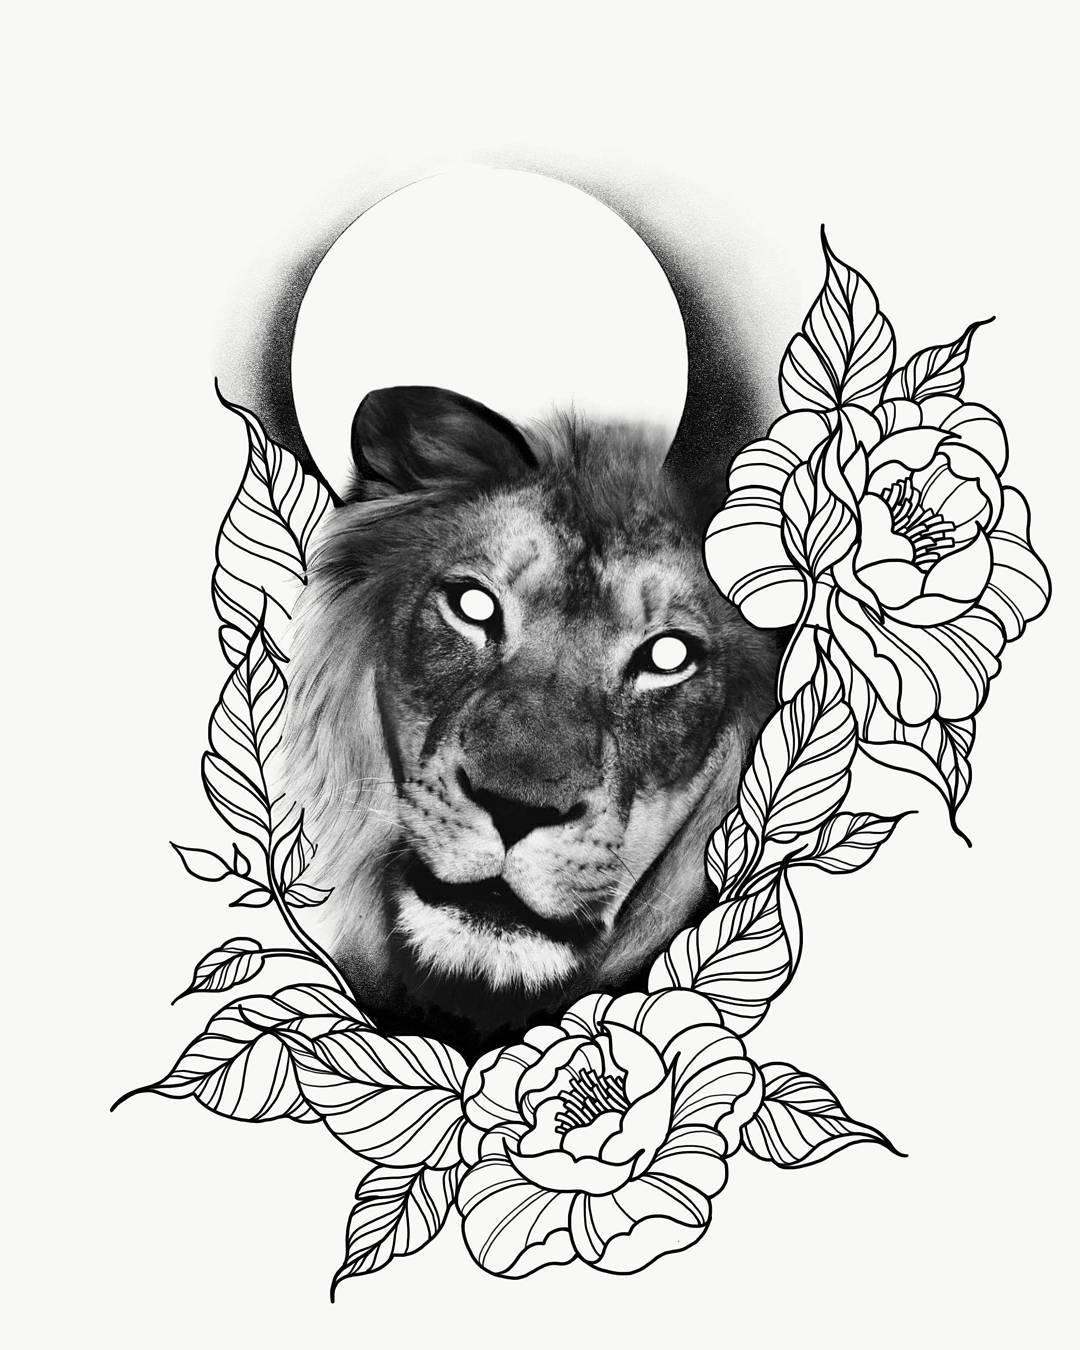 成都中国会馆做橱柜设计师的东先生玫瑰狮子纹身手稿